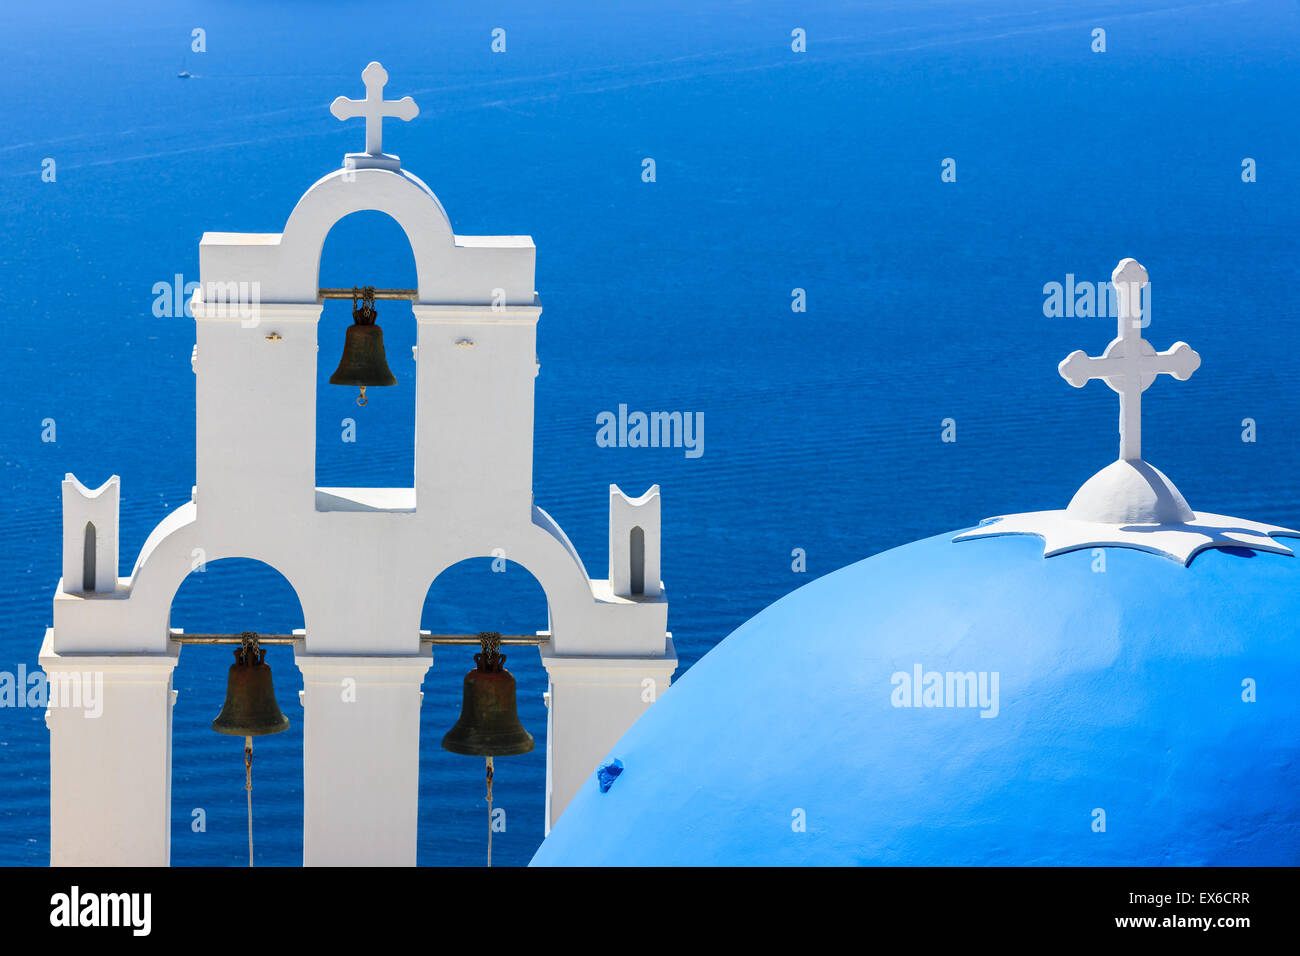 Aghioi Theodoroi chiesa a Firostefani a Santorini una delle isole Cicladi nel Mare Egeo, Grecia. Immagini Stock